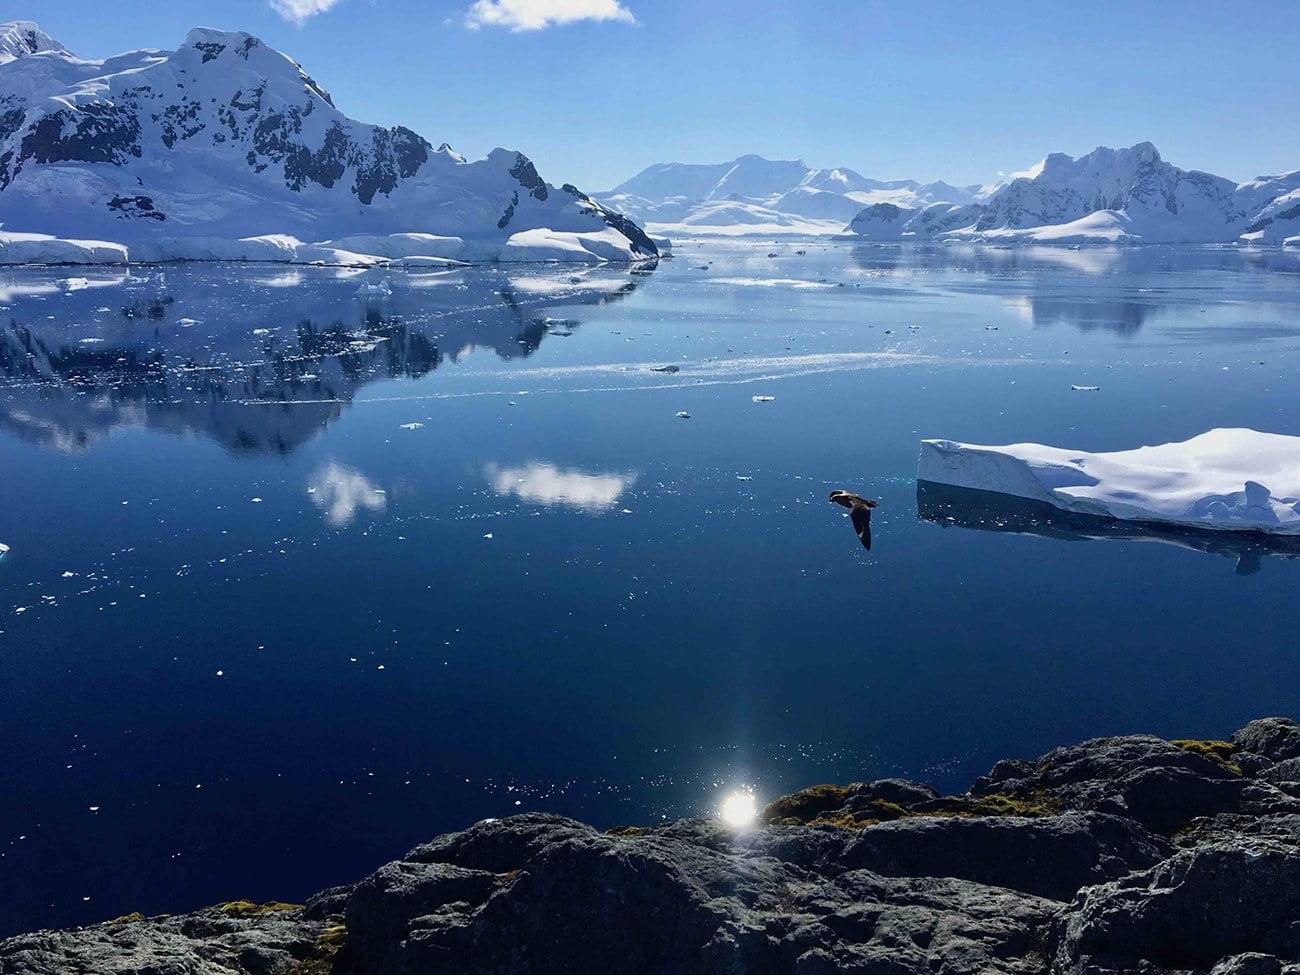 imagem de paradise harbor, Antártica